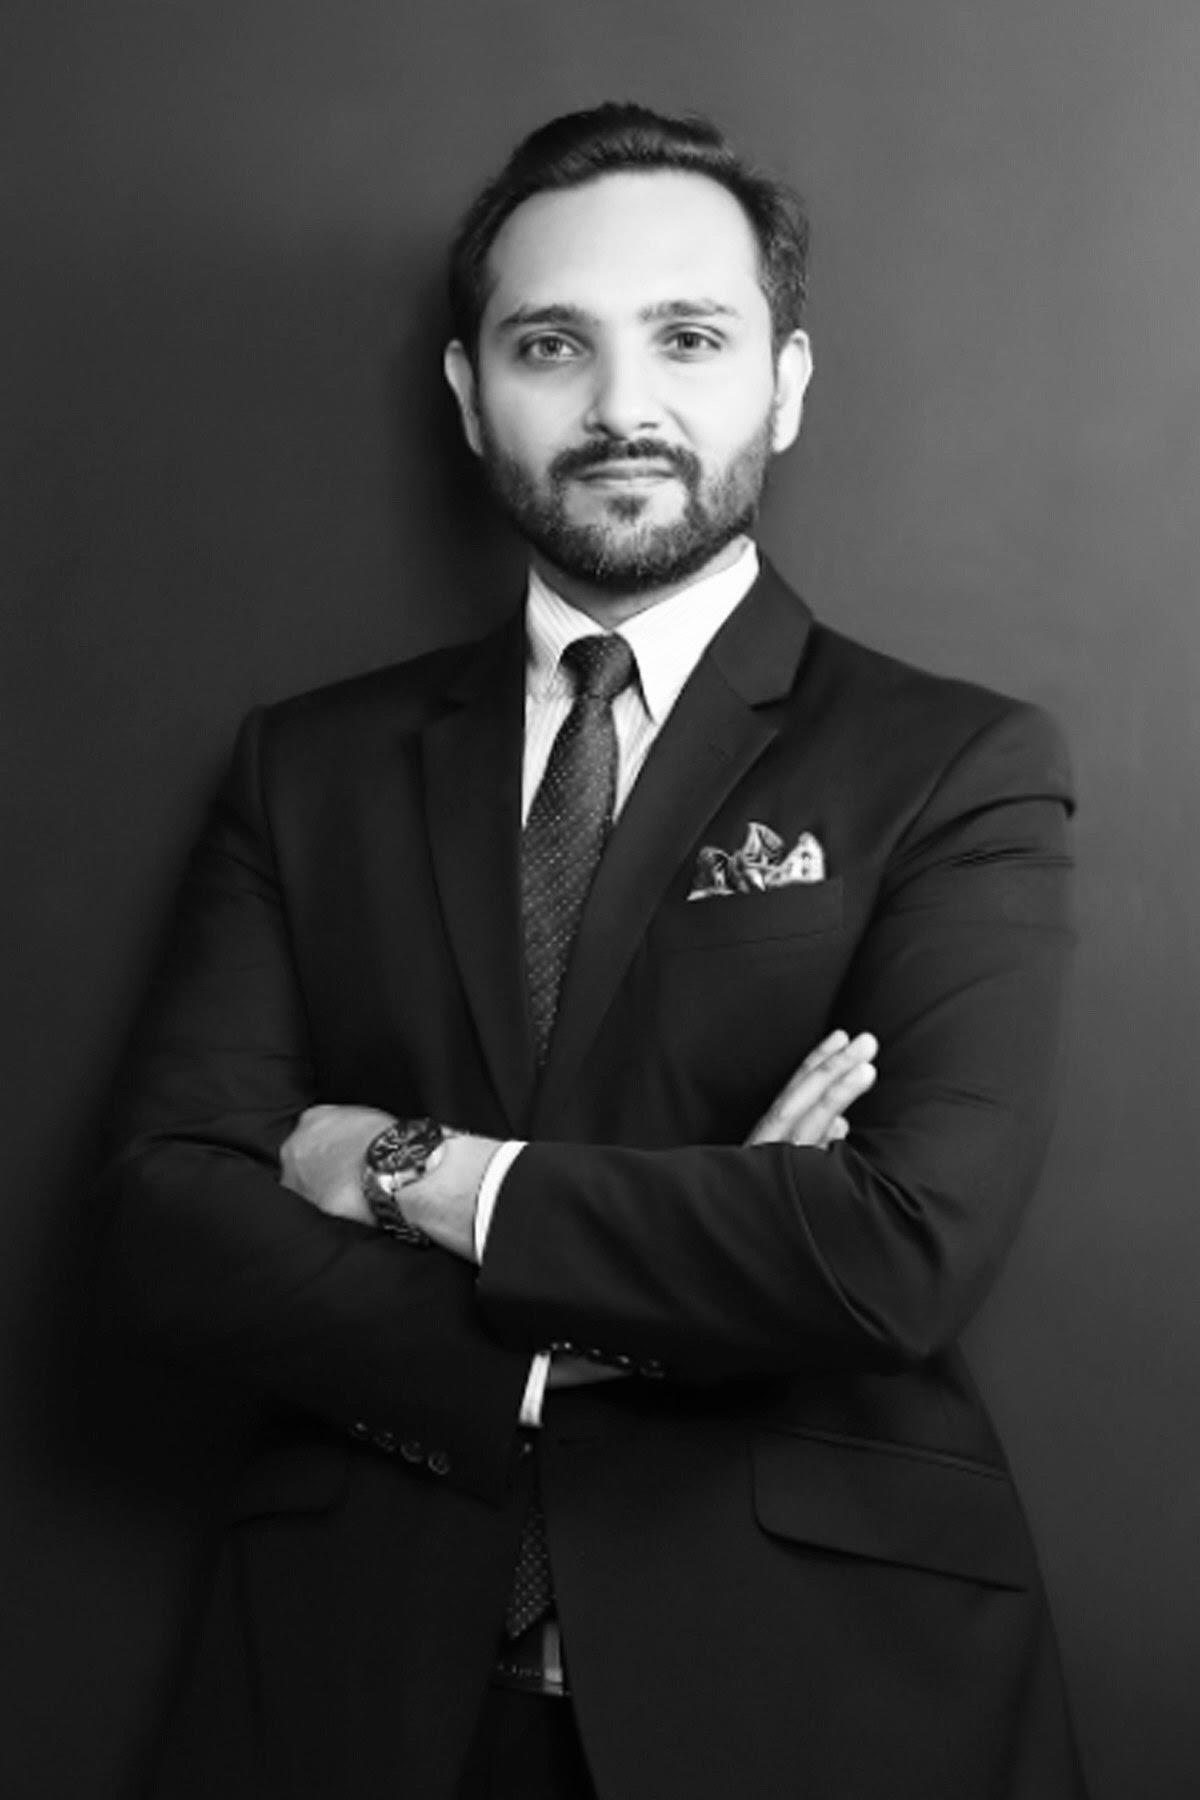 Md. Shanjid Affan